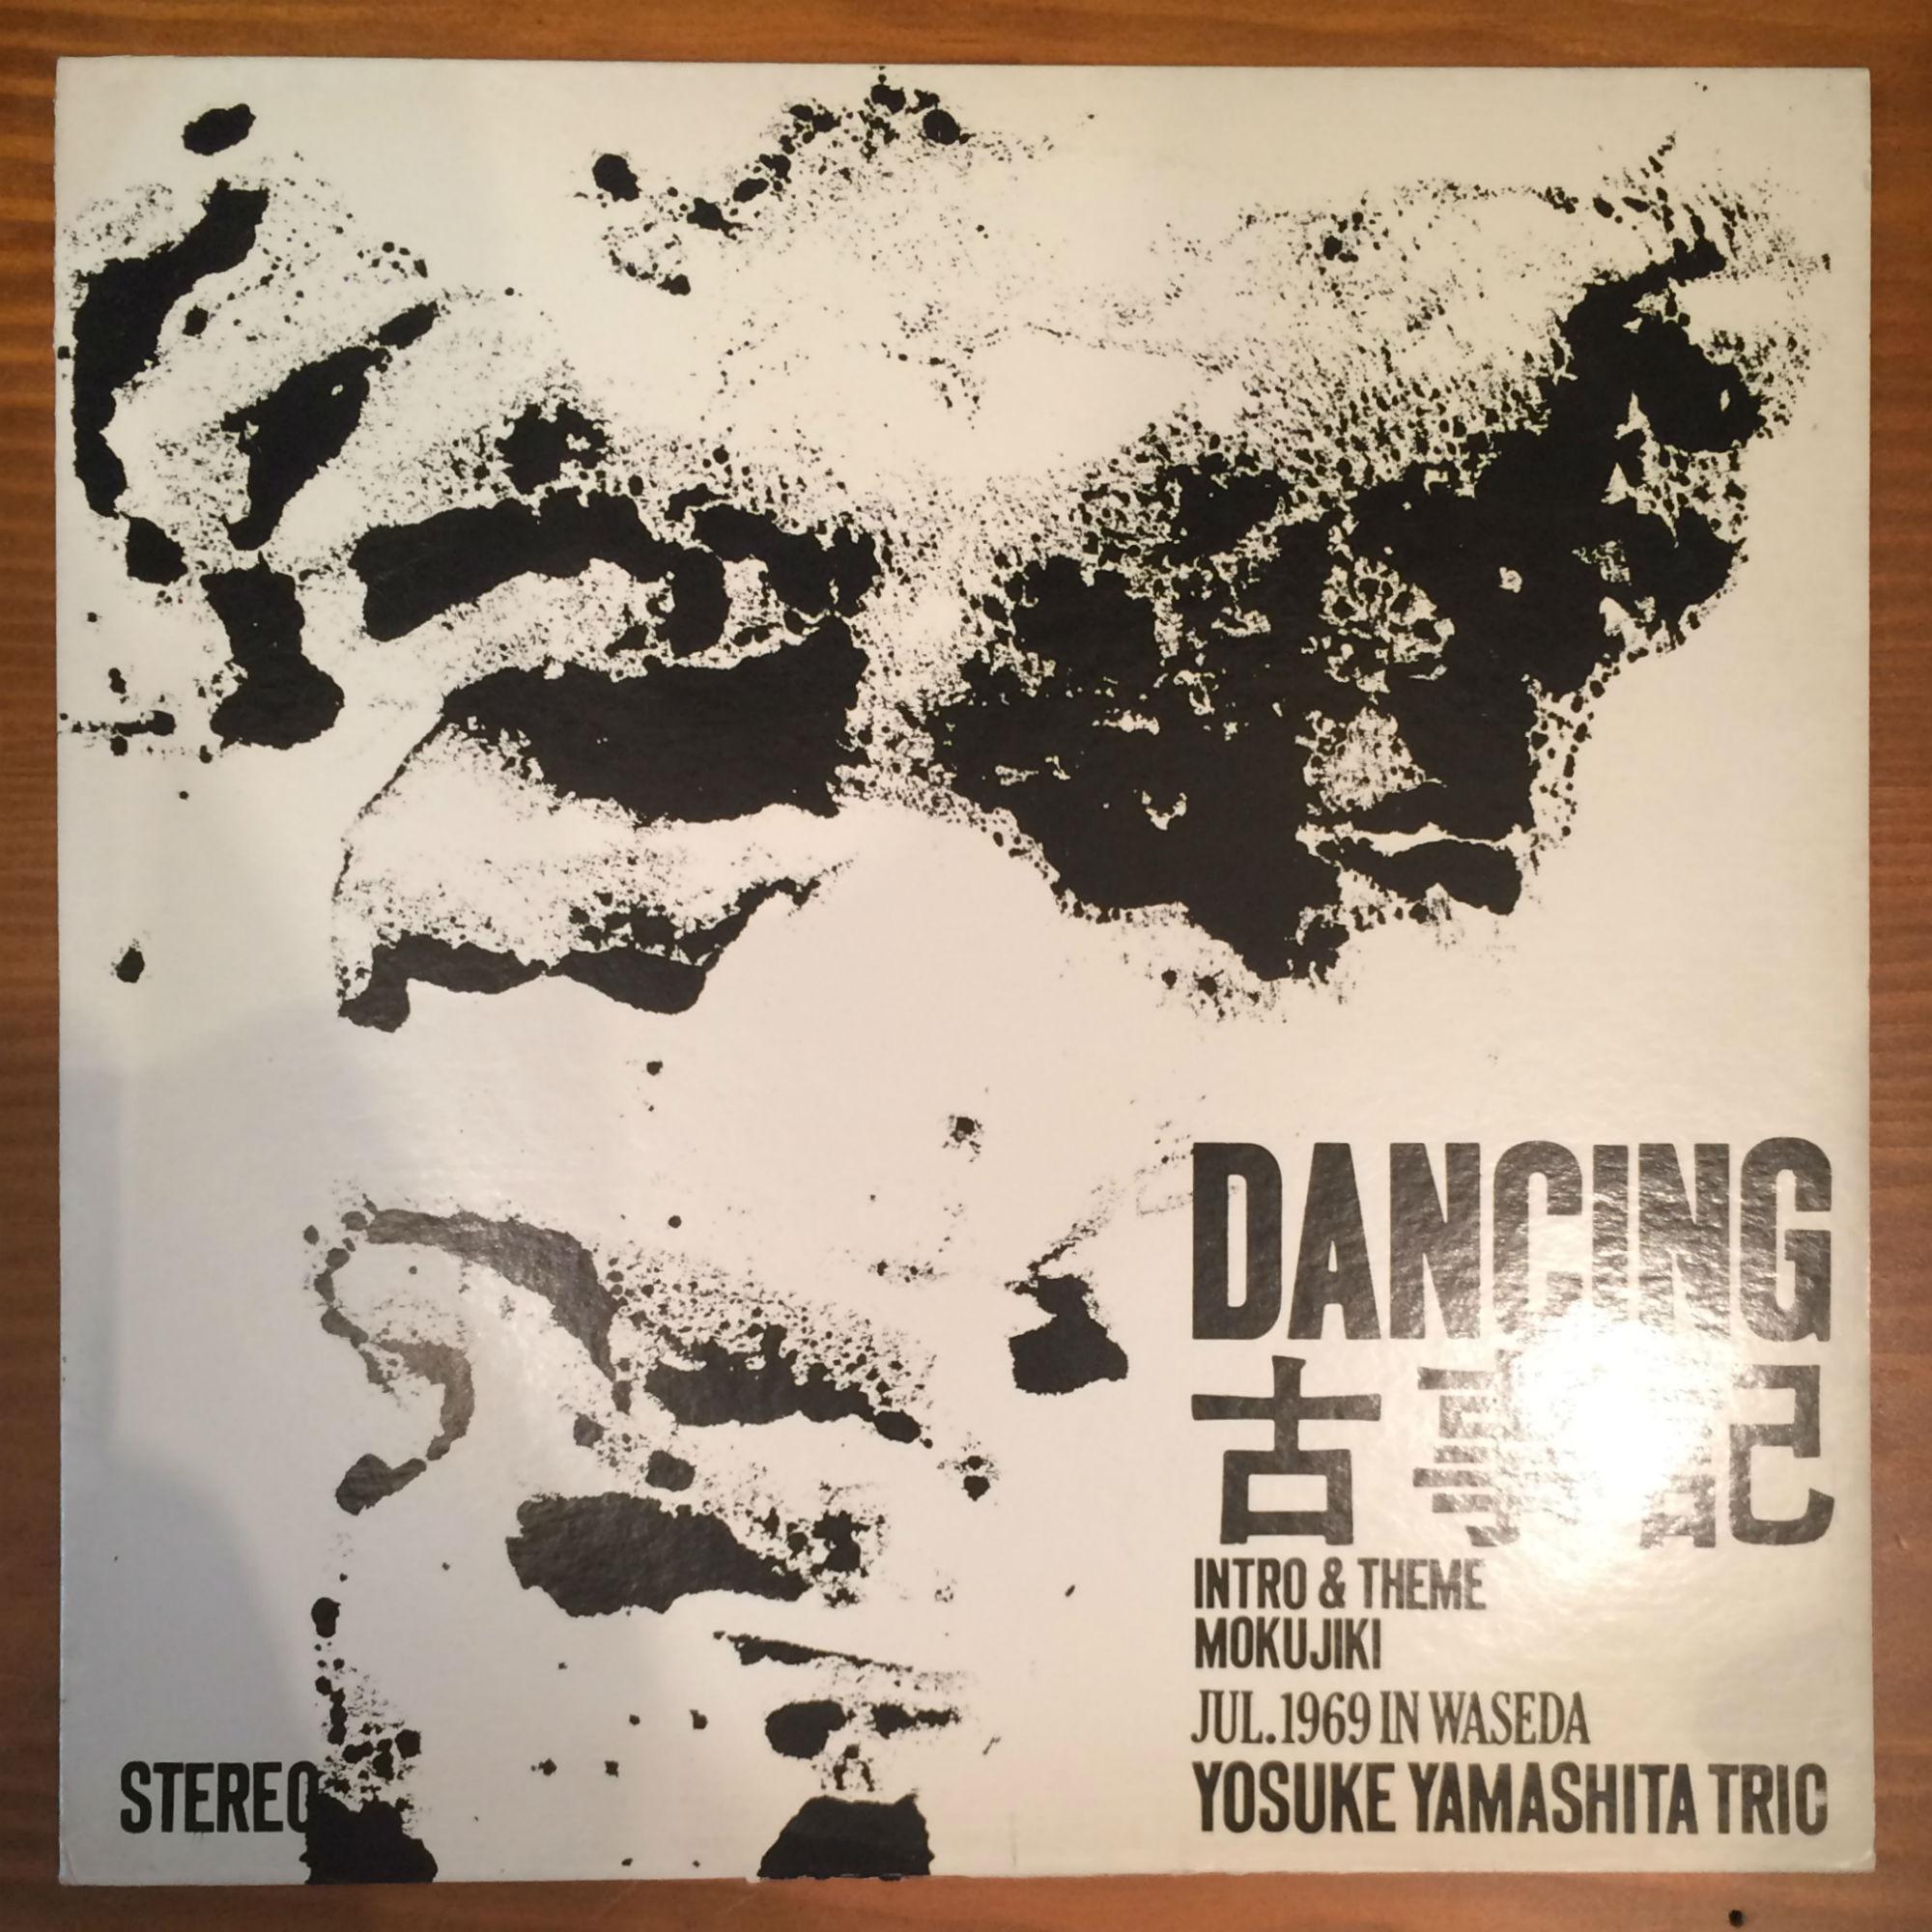 ●山下洋輔トリオ / DANCING古事記